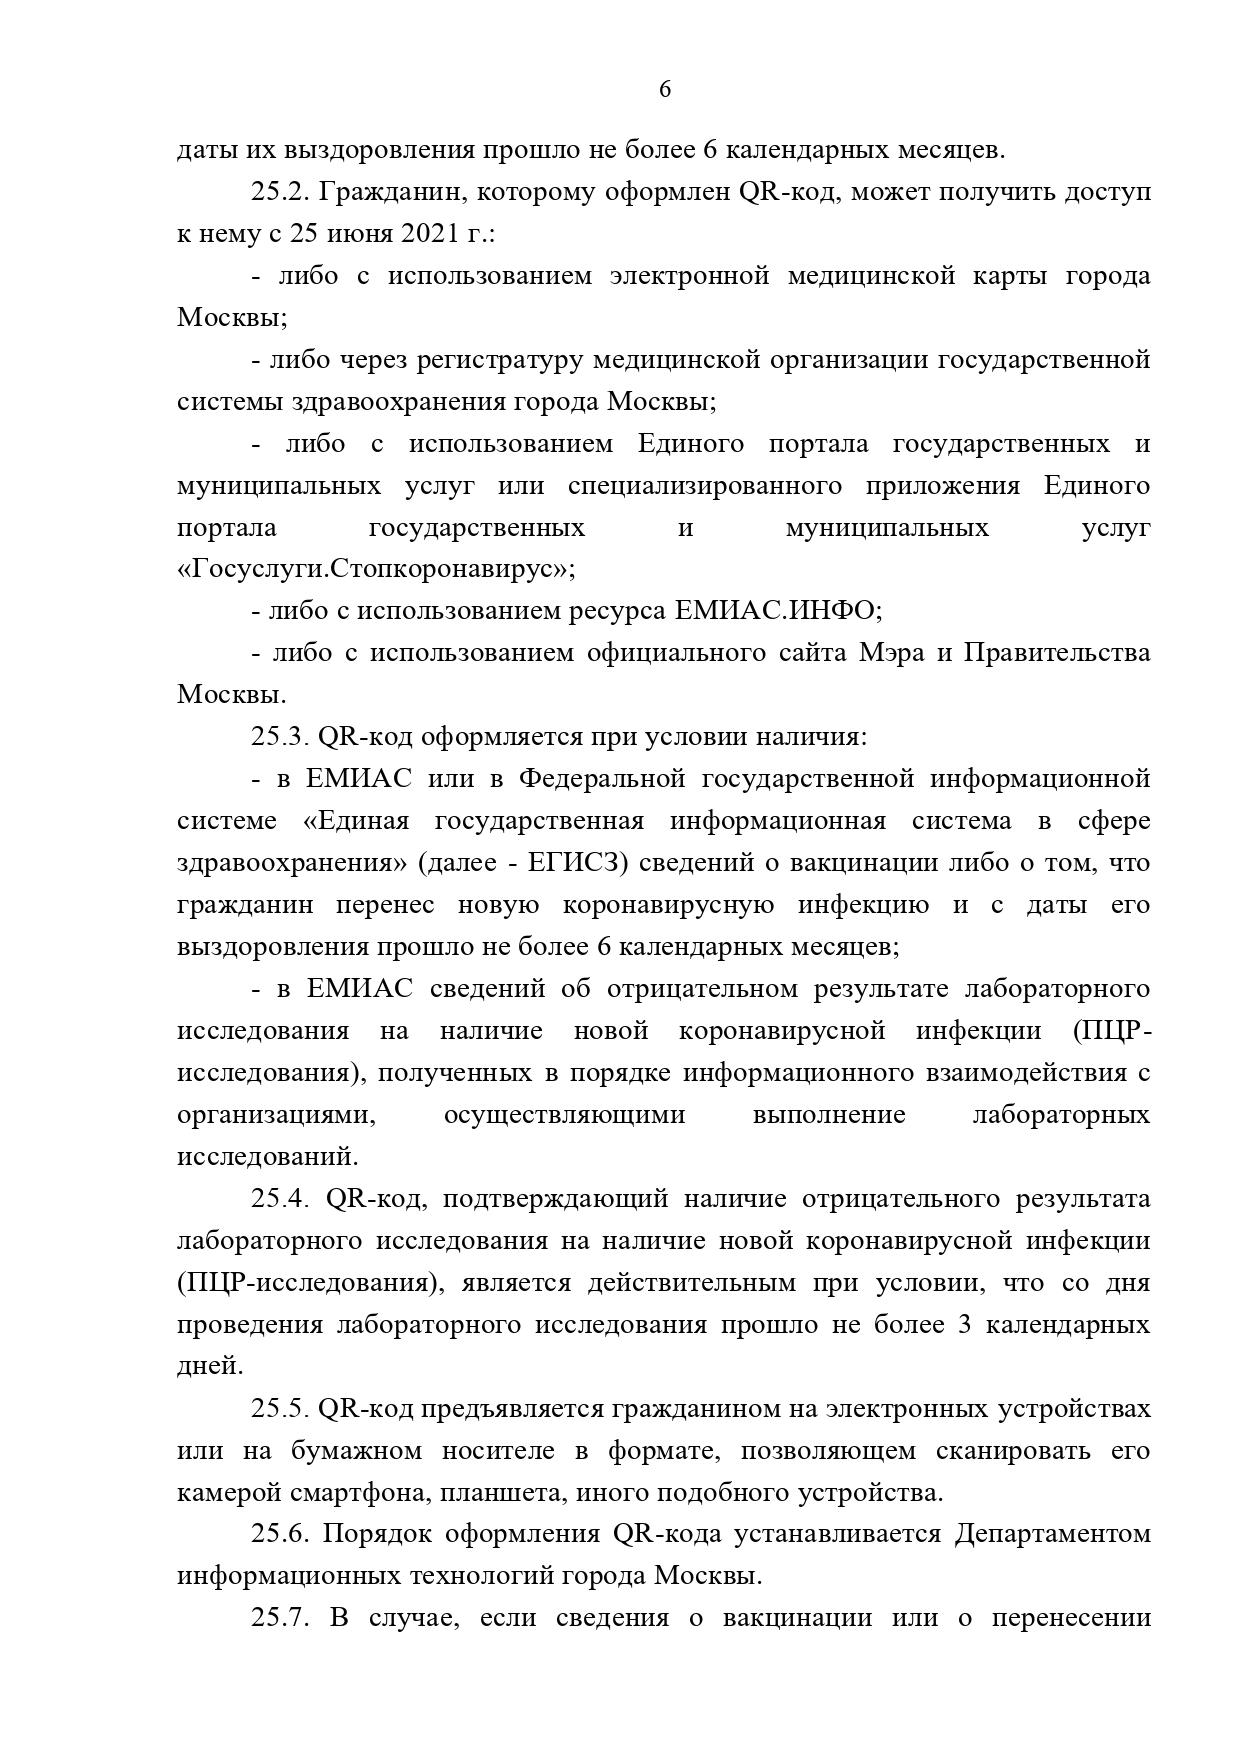 Указ Мэра Москвы Собянина С.С. от 22 июня 2021 г. (22.06.2021) No 35-УМ 6